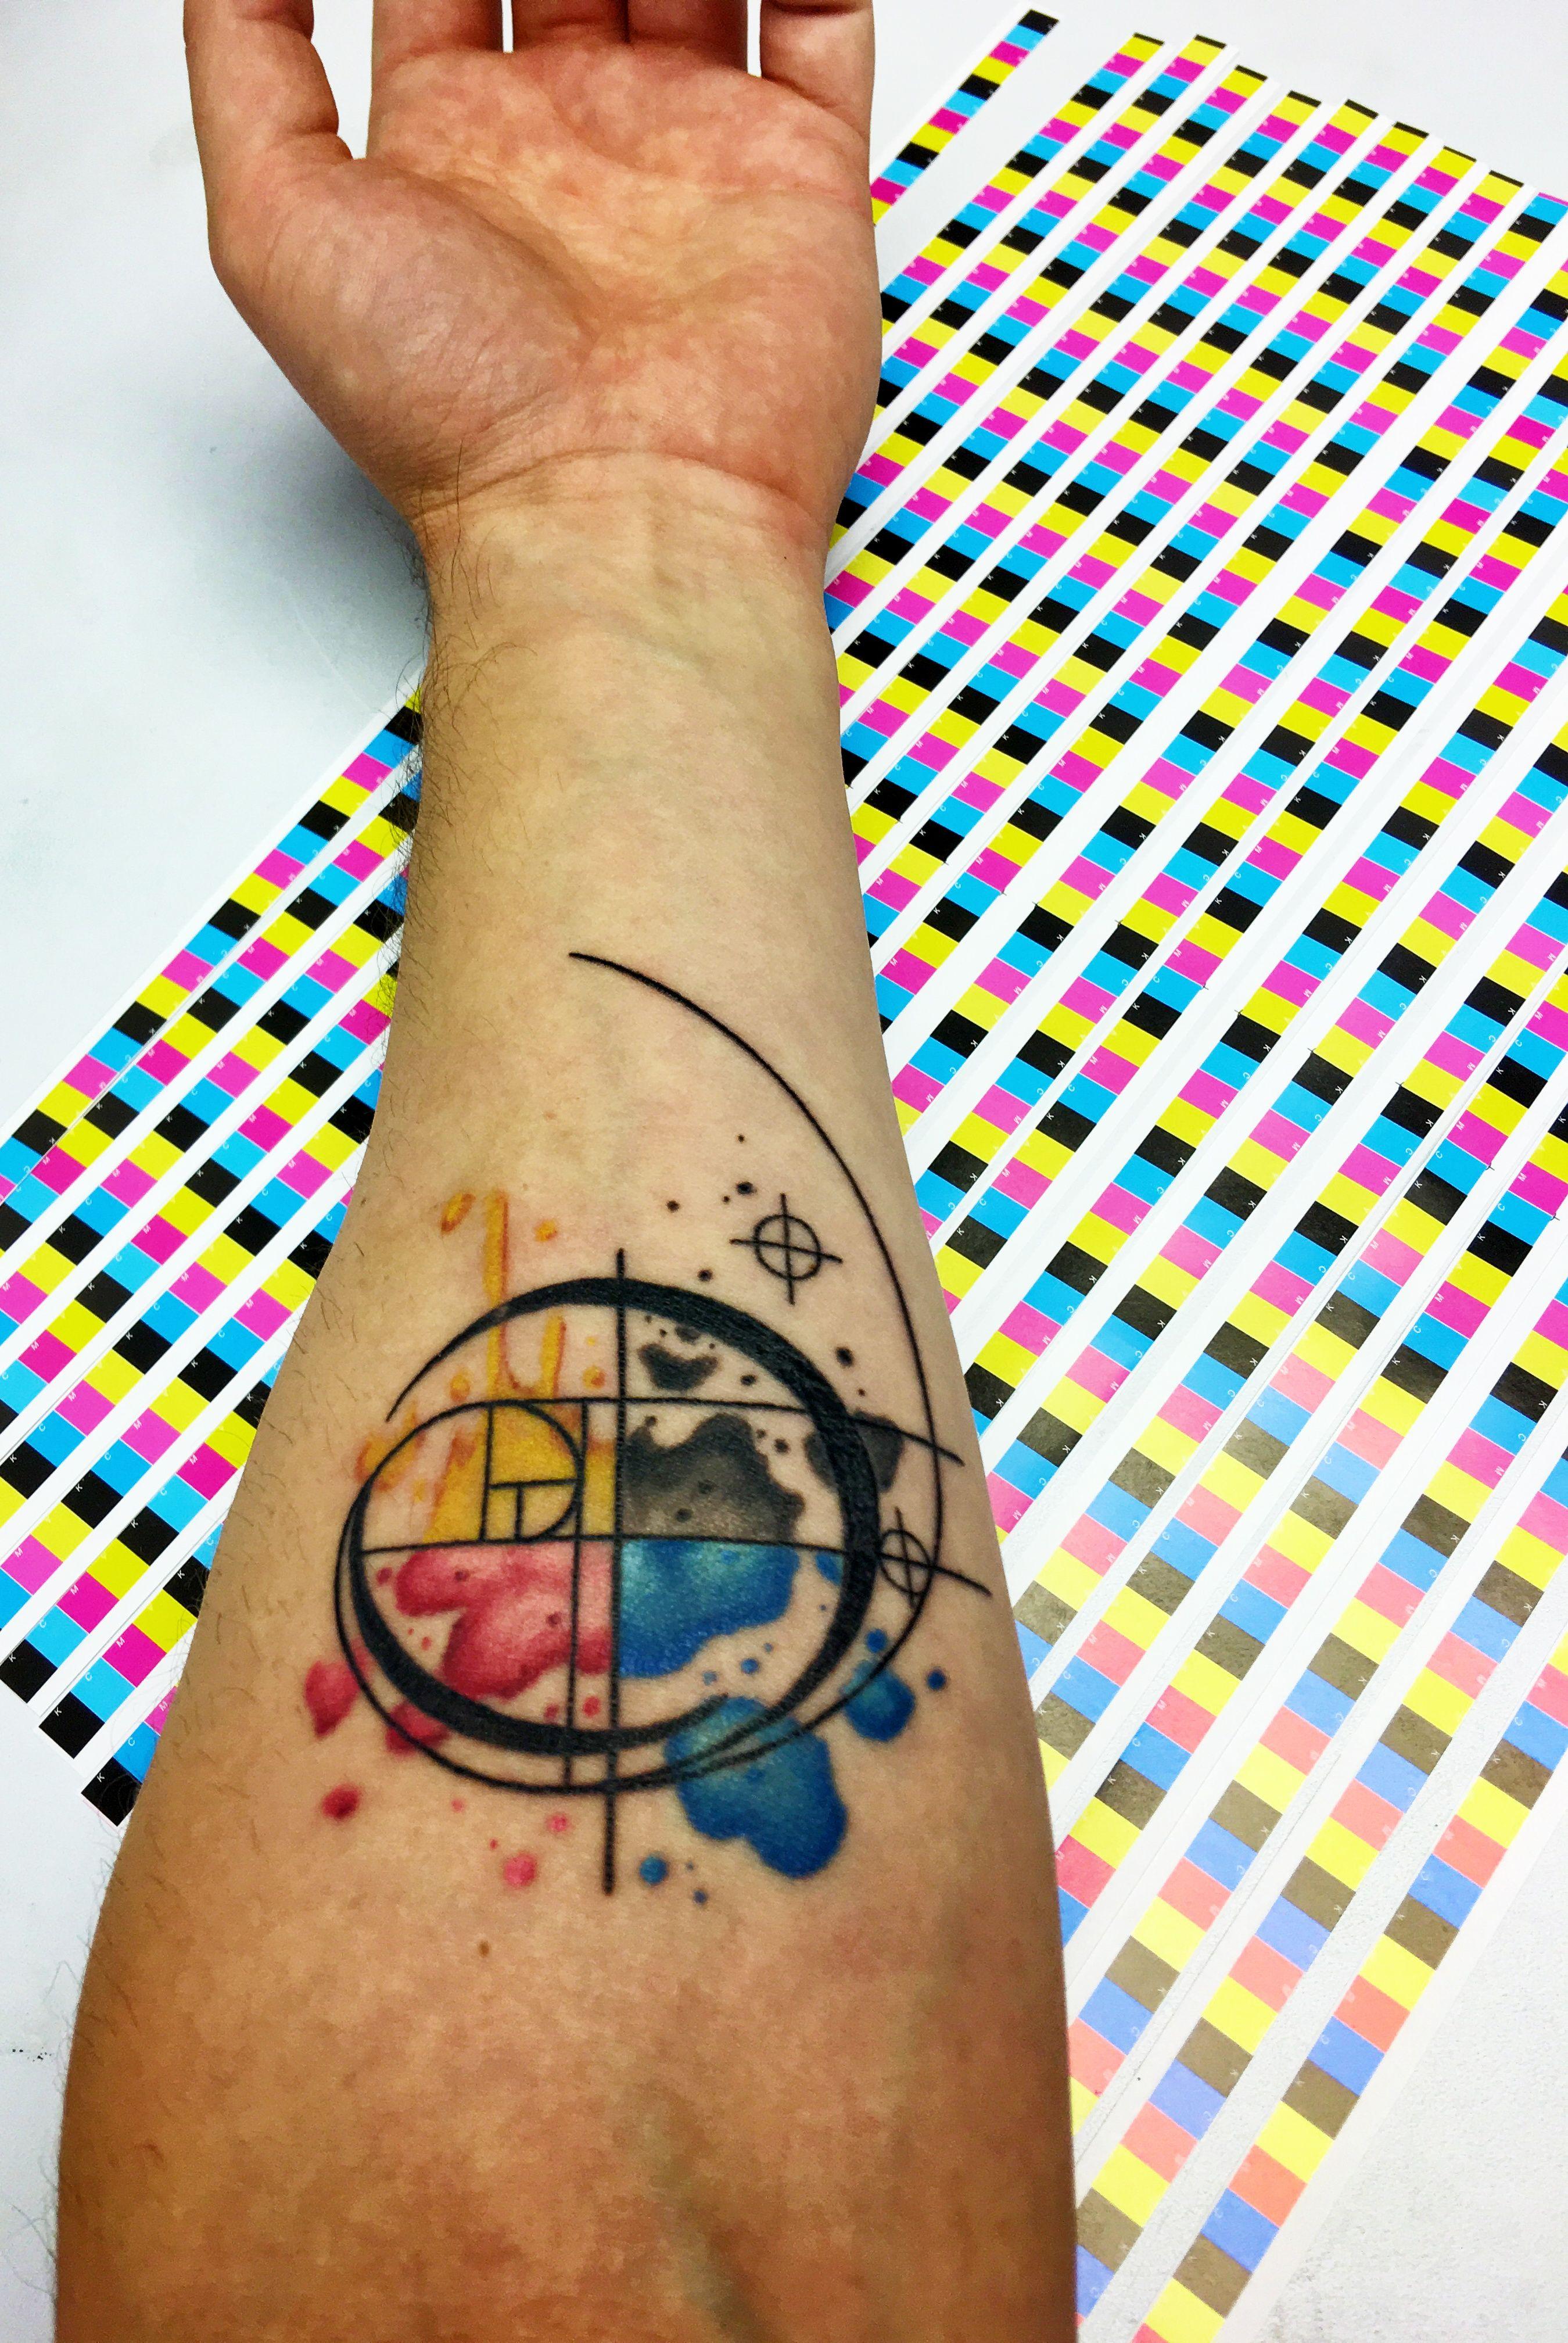 Cmyk tattoo tattoos geometric tattoo triangle tattoo